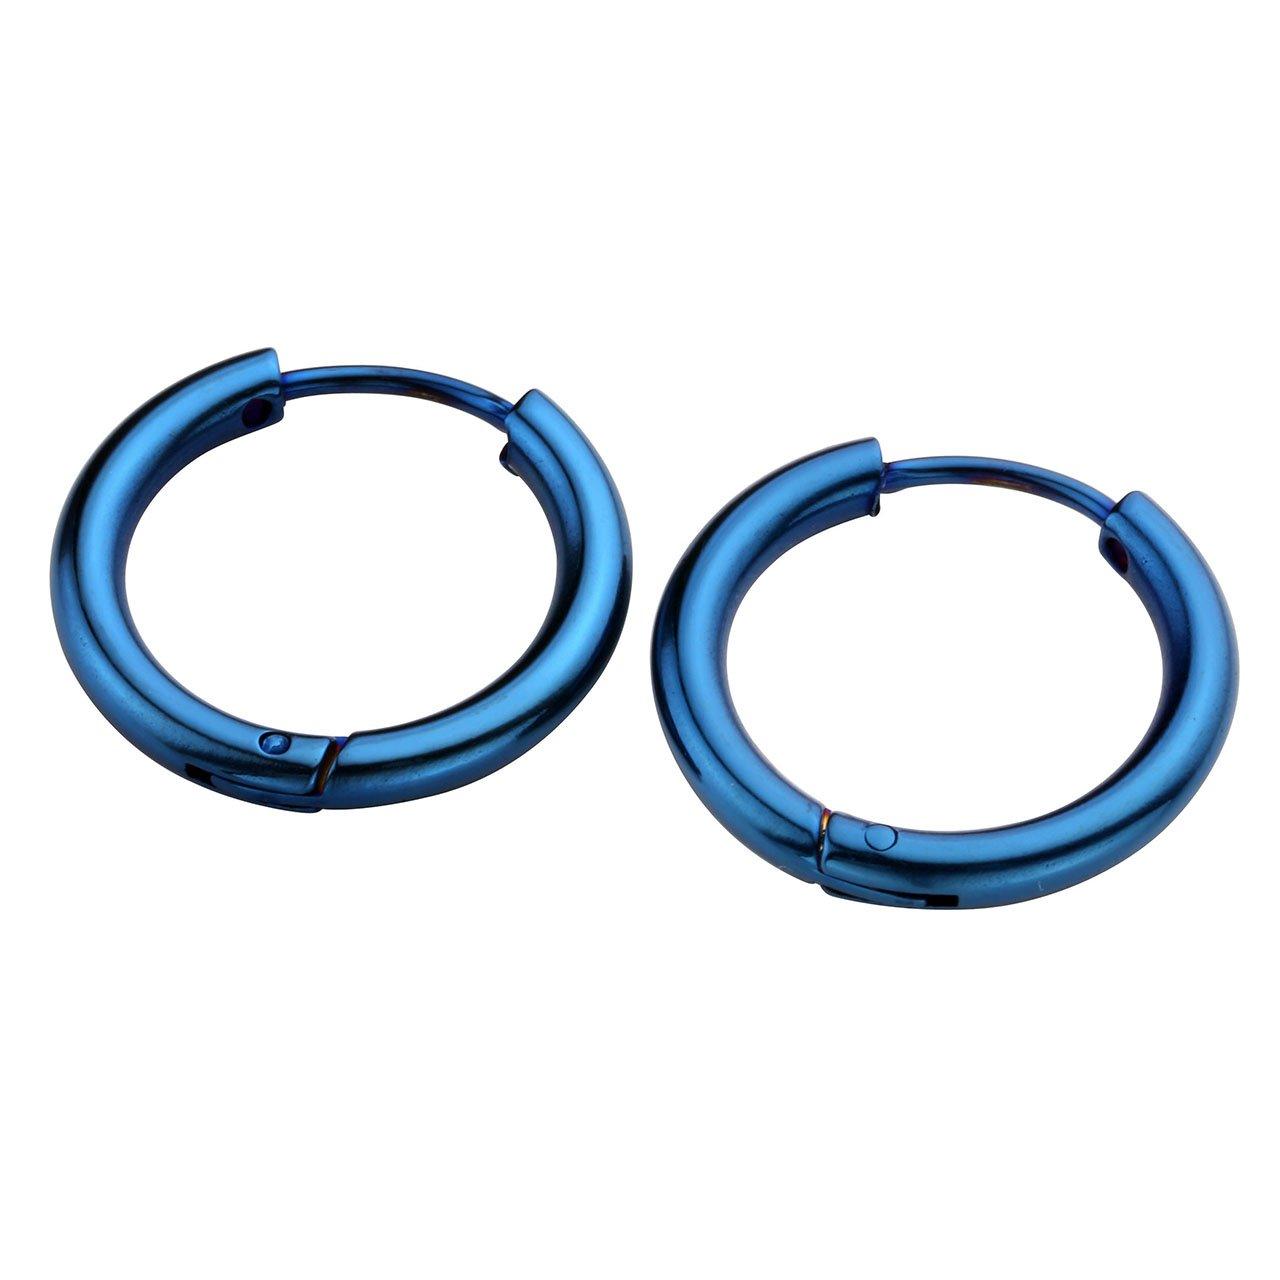 JSDDE 6pcs Boucle d\'Oreille Set Unisex Anneau Tube Circulaire Acier Inoxydable Or Rose Bleu Multicolore Or Argent Noir 14mm